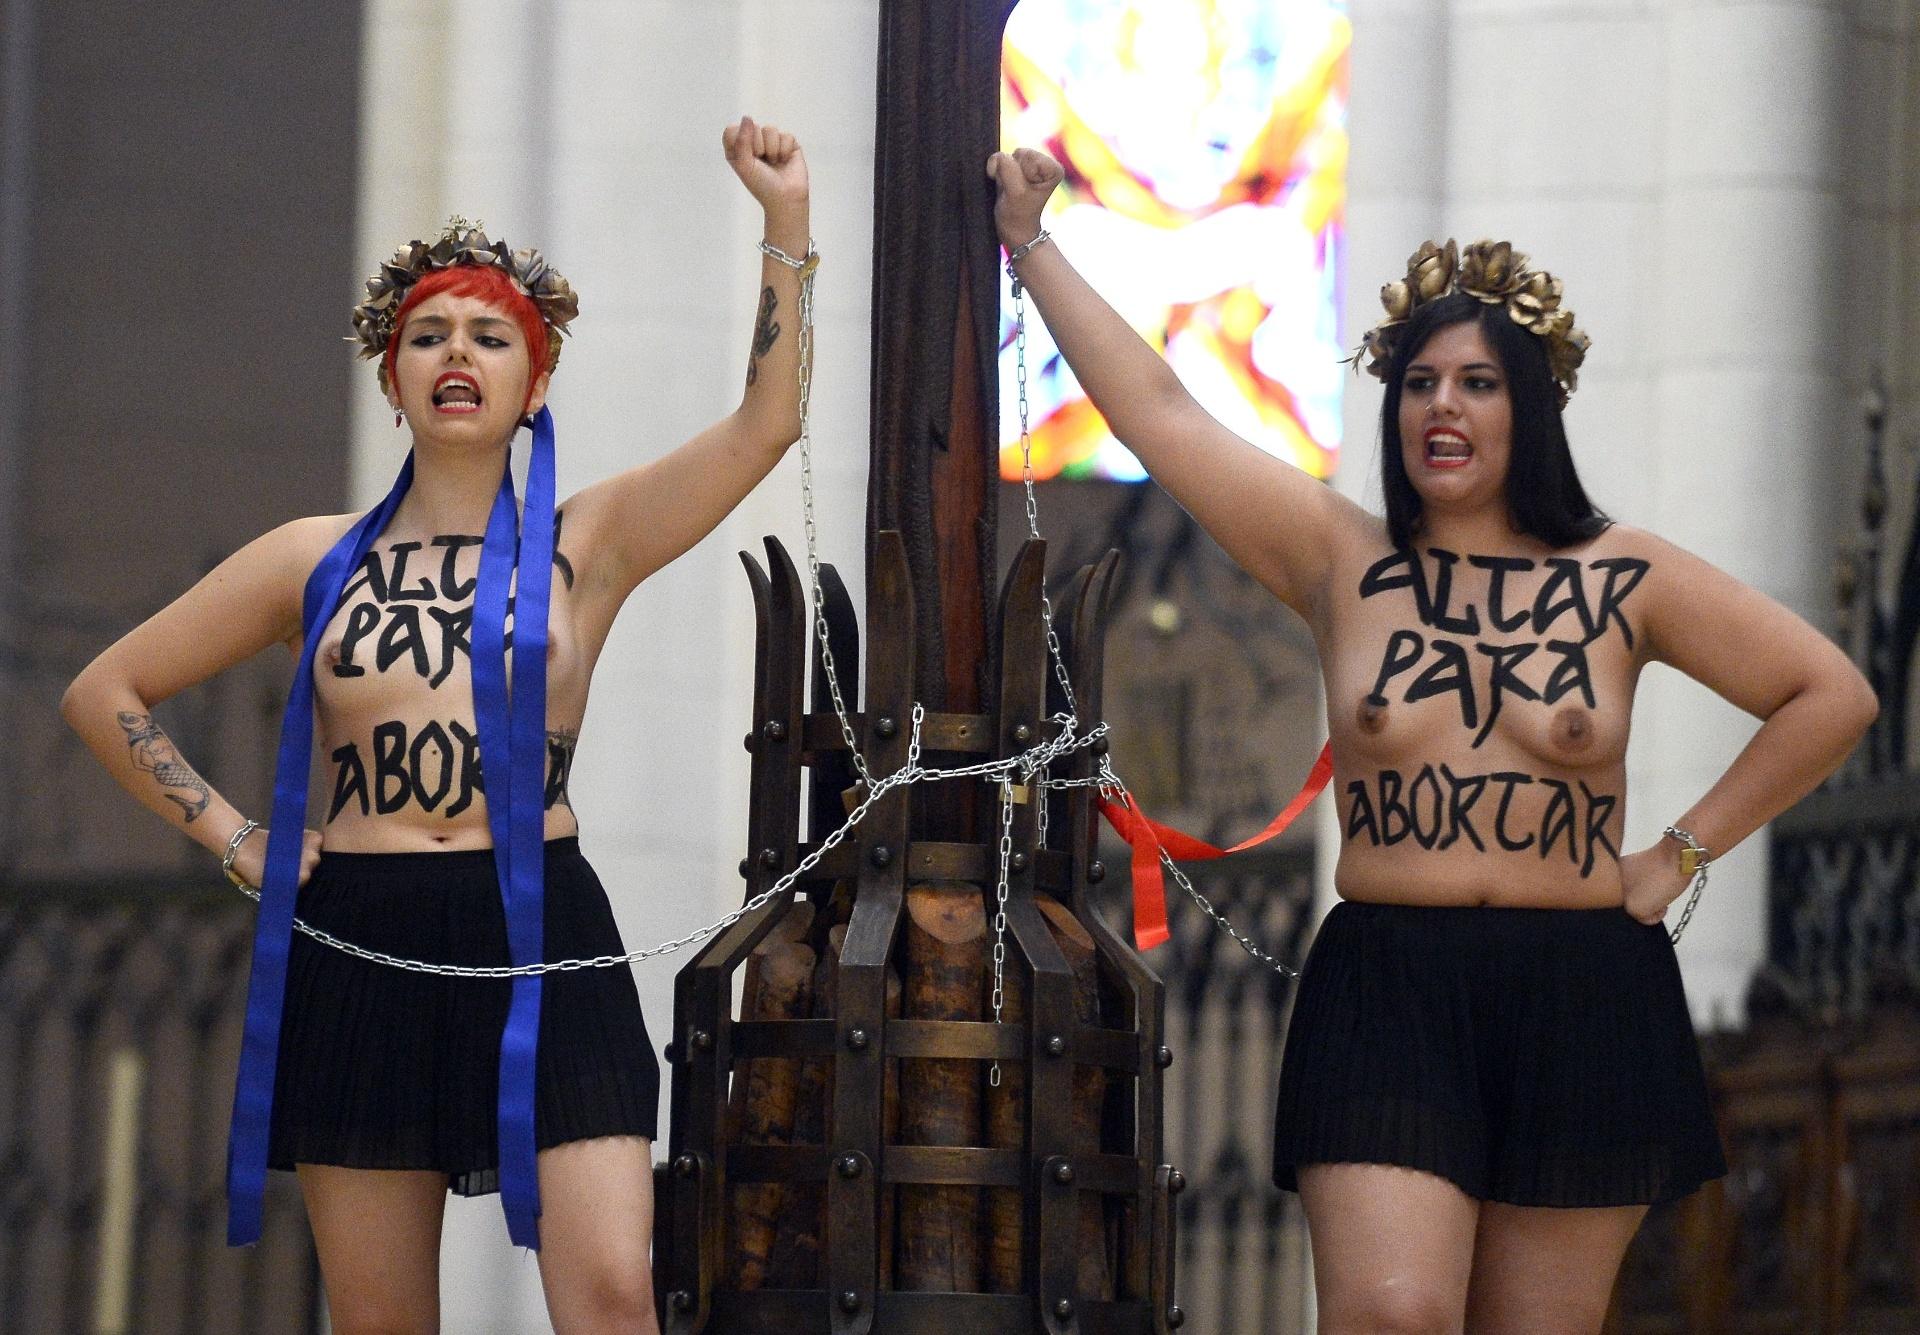 13.jun.2013 - Ativistas do grupo feminista Femen se acorrentam a uma cruz na Catedral Almuneda, em Madri, para protestar contra a reforma da lei de aborto do país. O Conselho Geral do Judiciário decide nesta sexta-feira se adota as alterações na lei. O projeto prevê o fim do direito da mulher de solicitar o aborto após 14 semanas de gravidez. O texto ainda deve ser analisado no parlamento espanhol